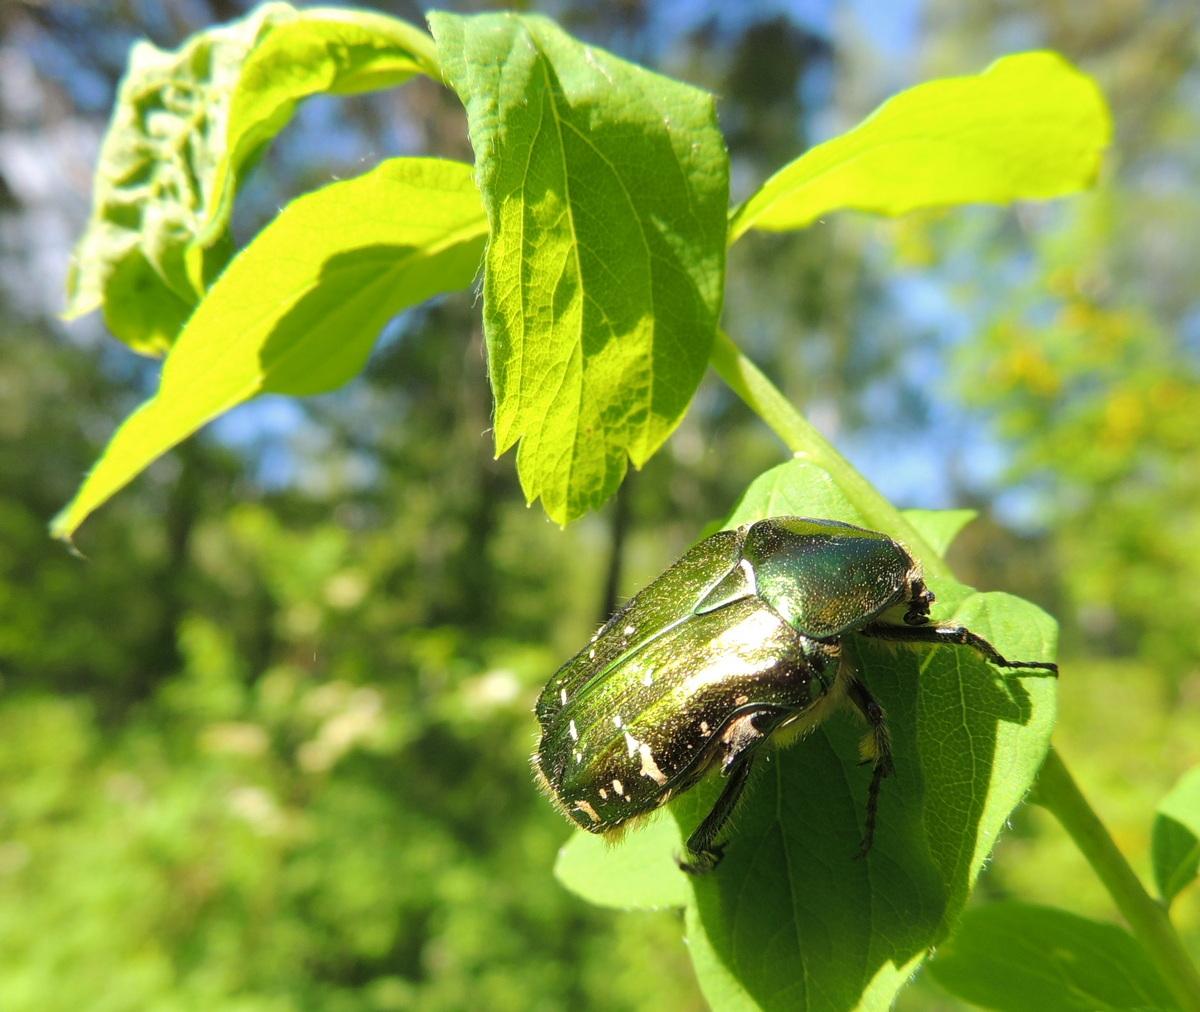 Бронзовка золотистая — описание, вред зеленого блестящего жука для растений и методы борьбы с насекомым